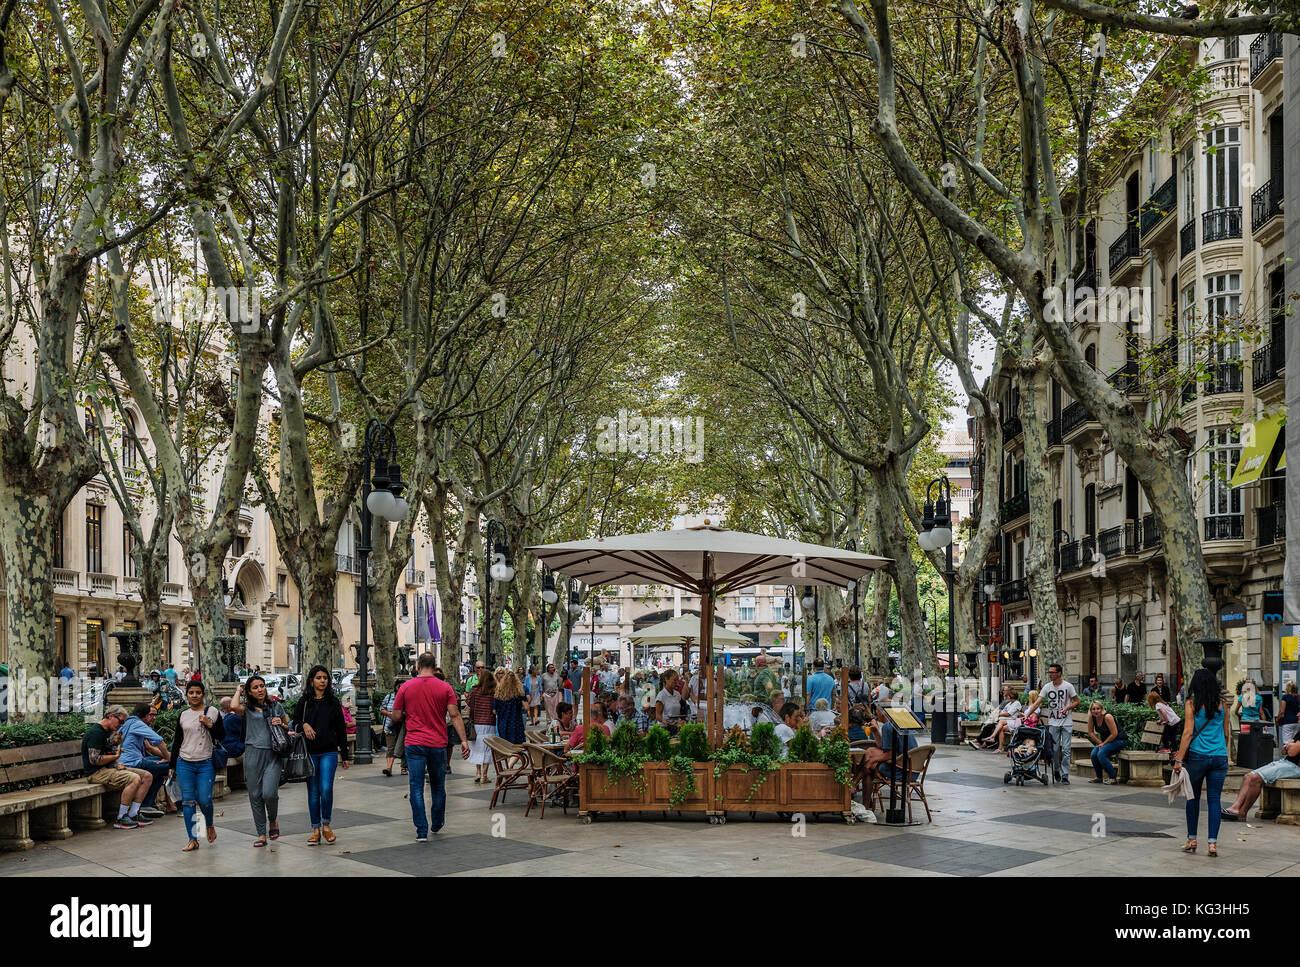 Passeig des Born, Palma de Mallorca, Majorca, Spain. - Stock Image